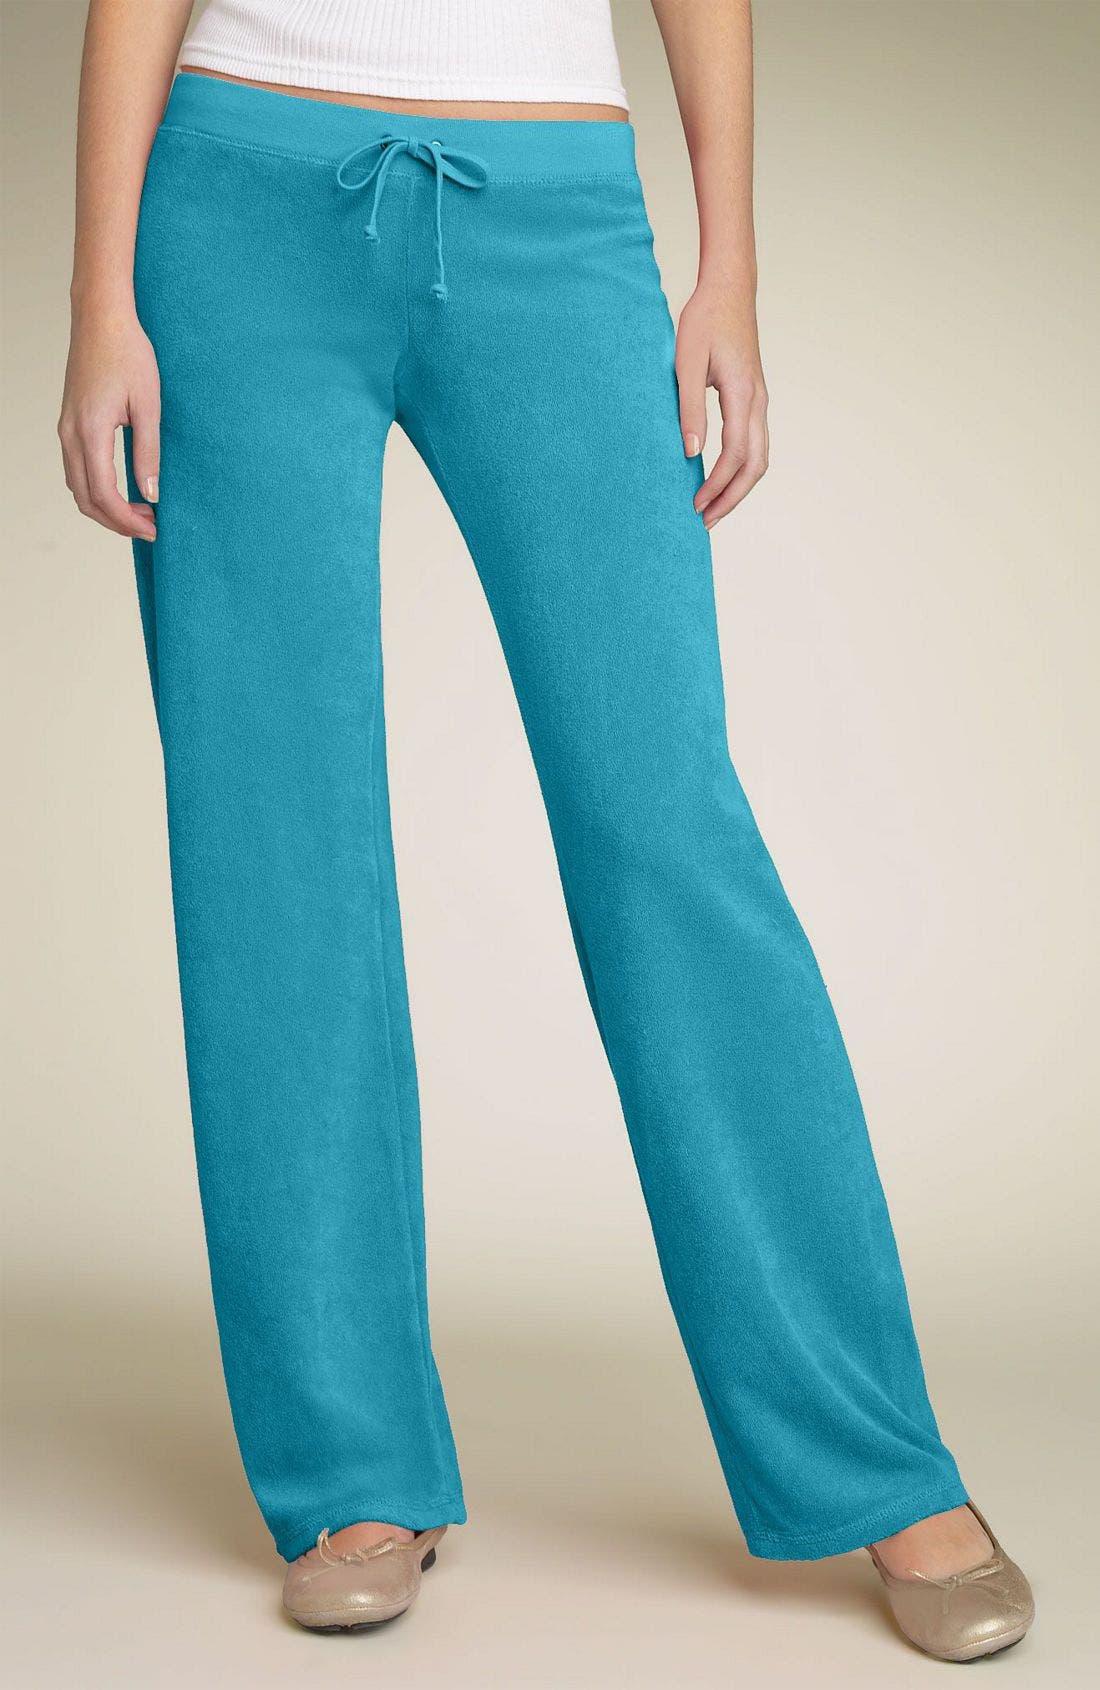 Terry Cloth Drawstring Pants,                             Main thumbnail 1, color,                             CFL